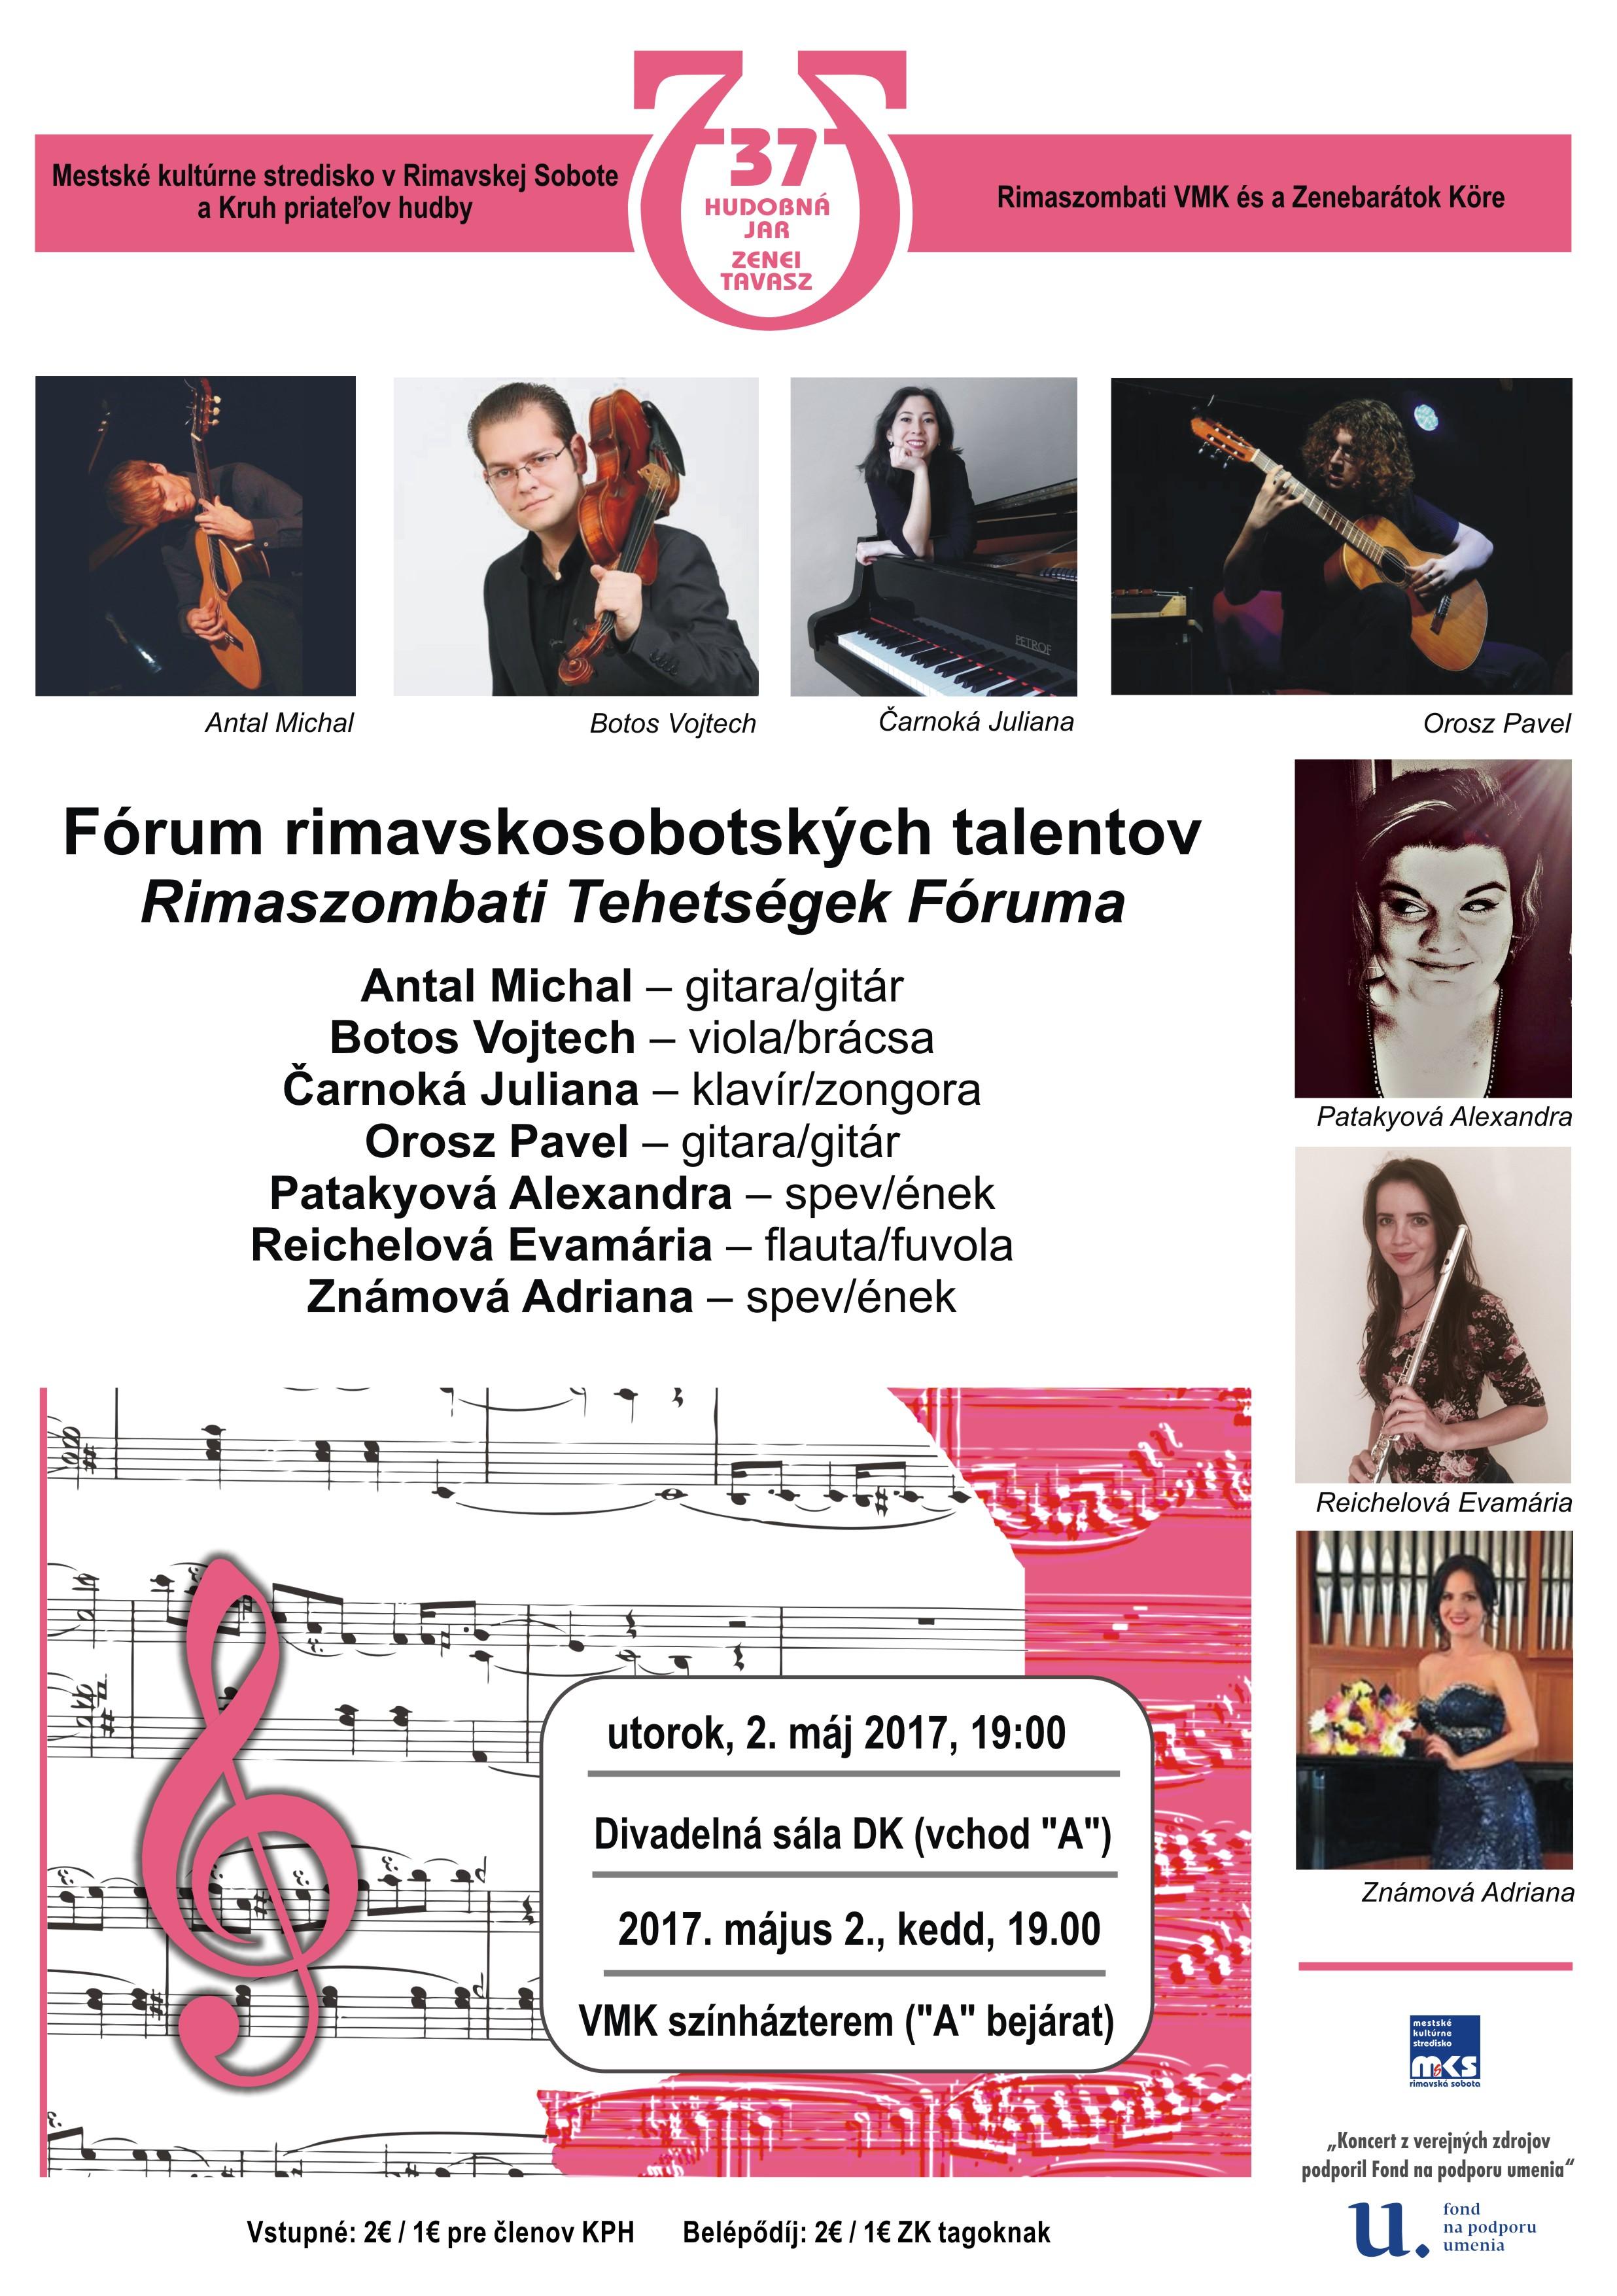 Fórum rimavskosobotských talentov - koncert @ Dom kultúry, divadelná sála DK (vchod od Kauflandu) | Slovensko